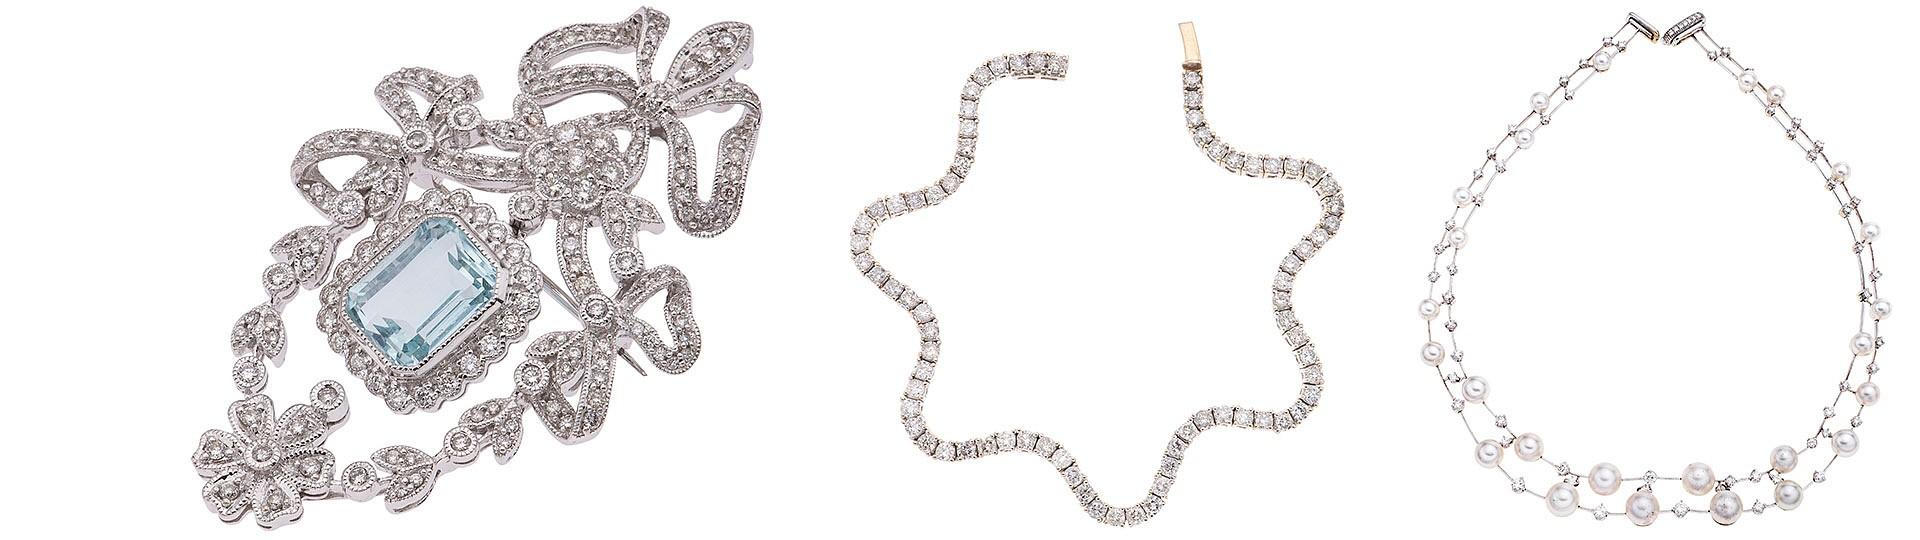 Subasta de Joyería y Relojes | Jewelry & Watches Auction by Morton Subastas